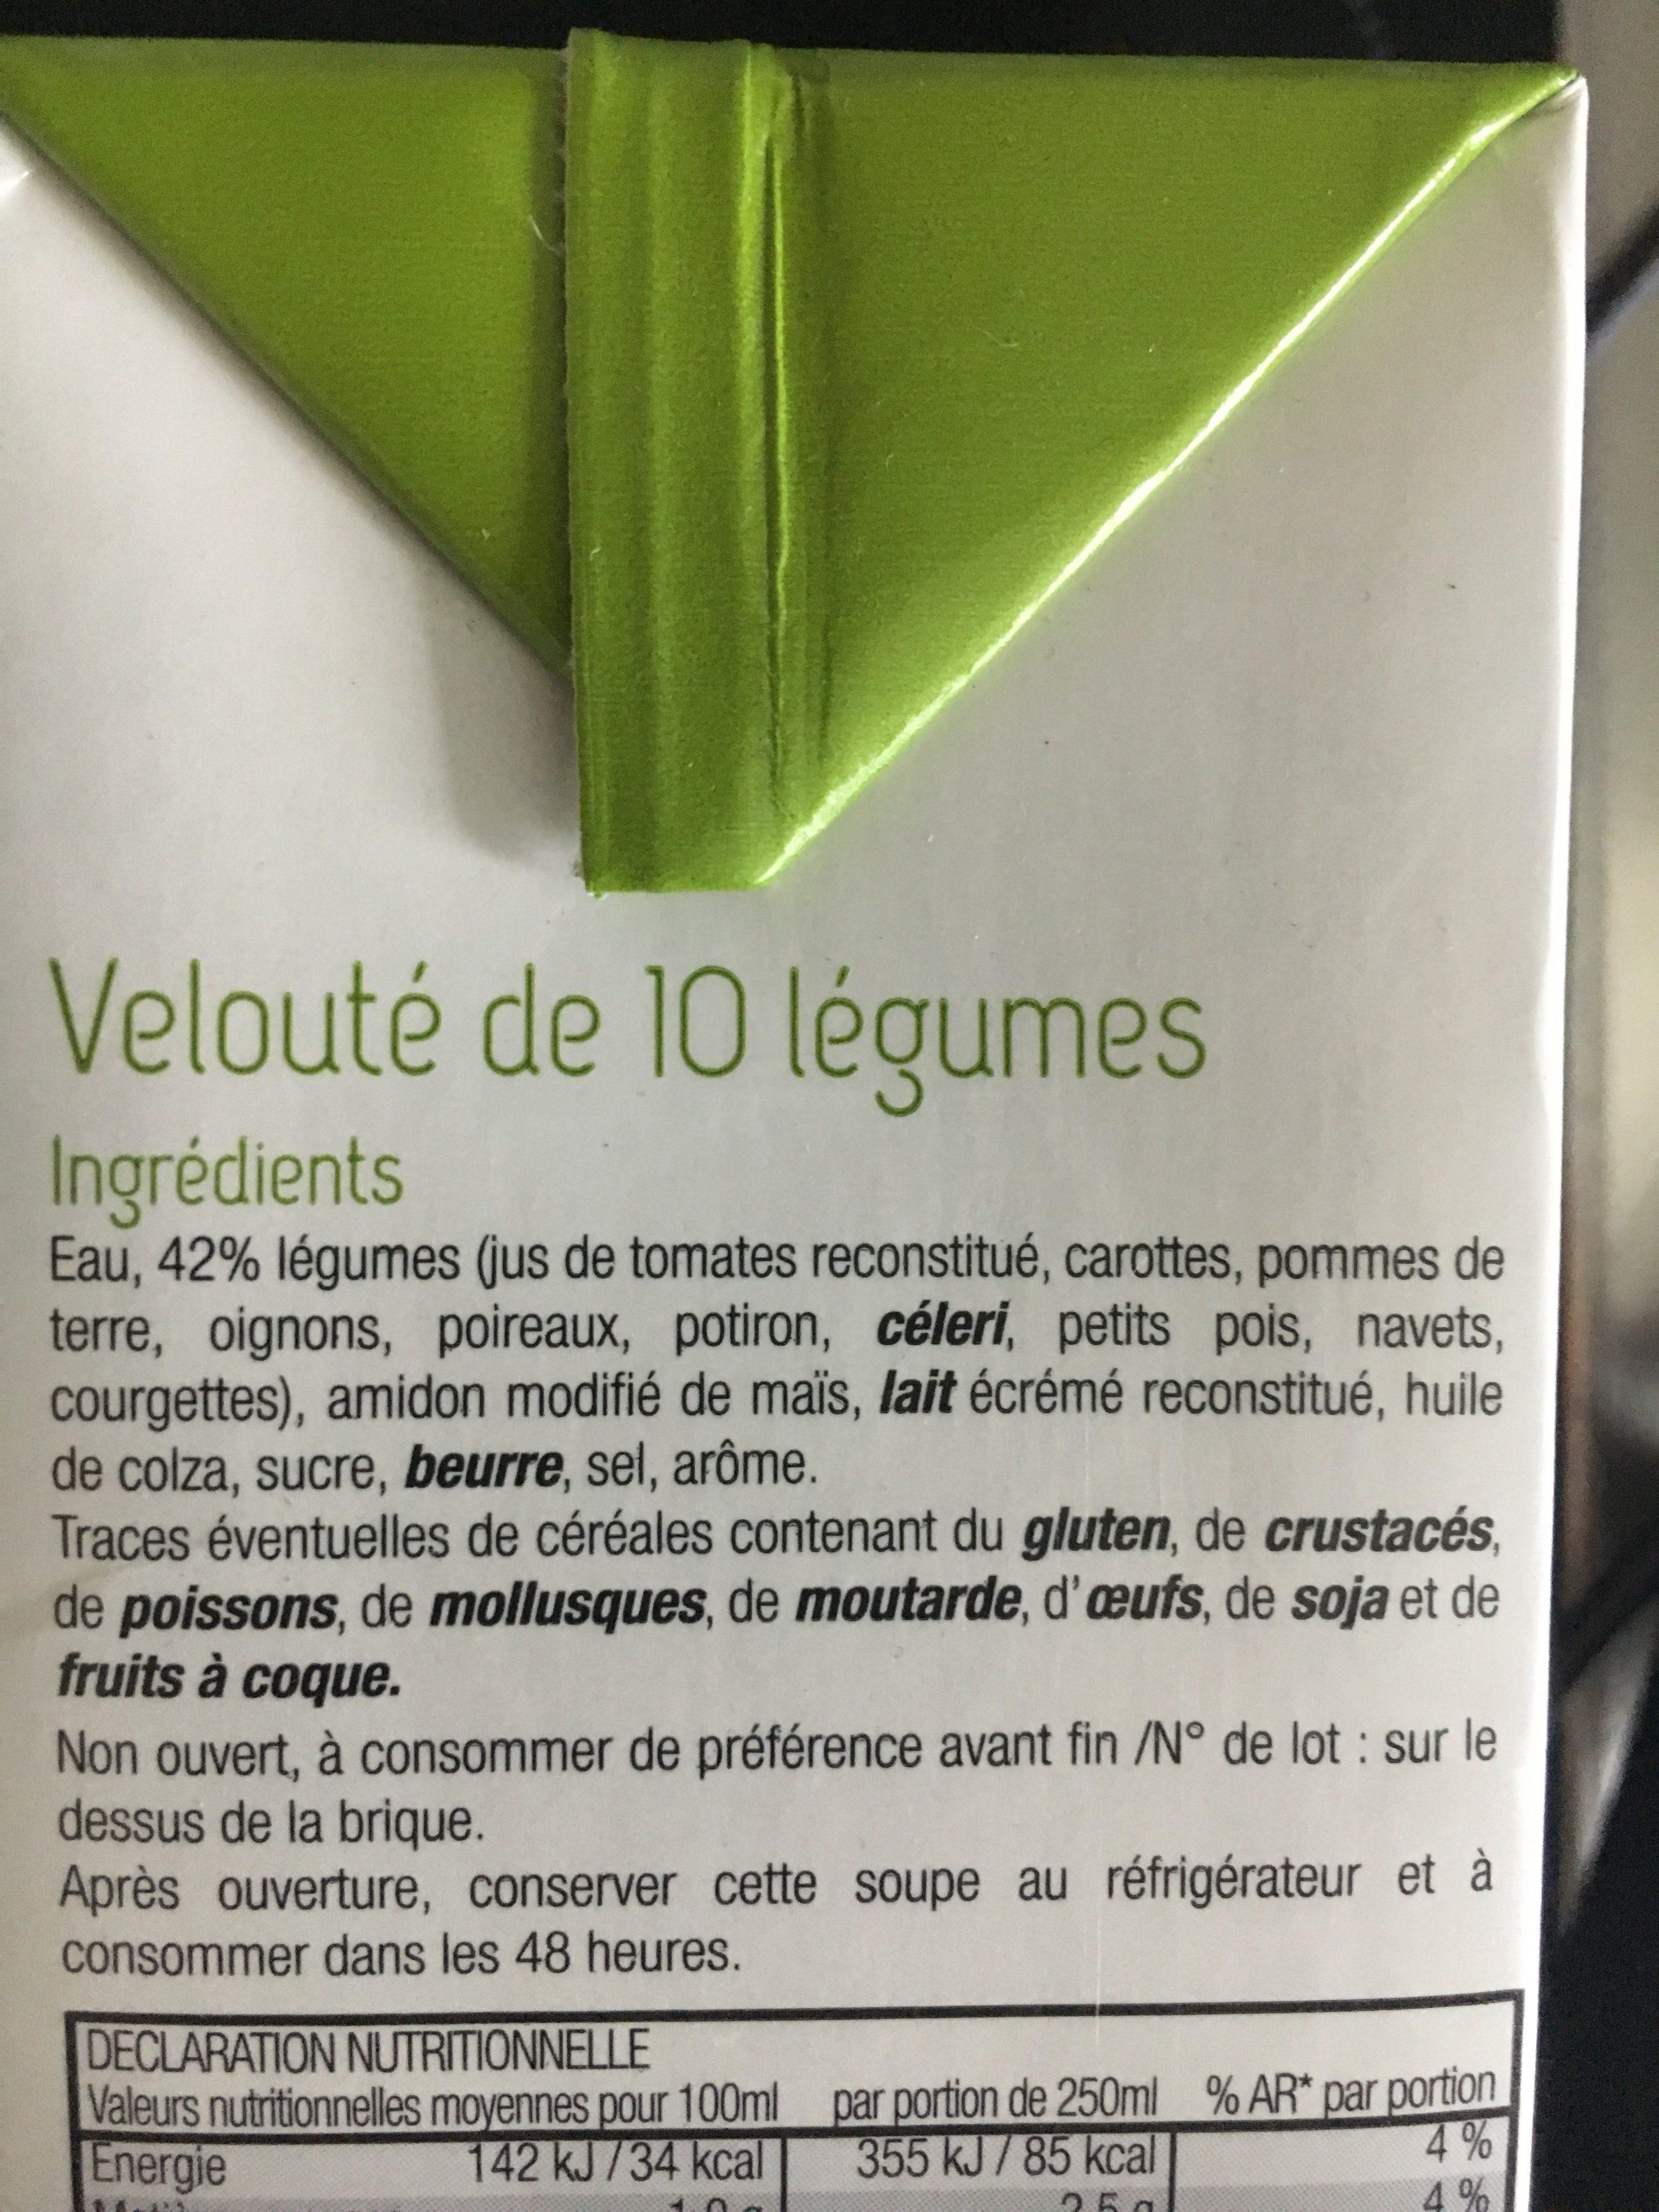 Velouté de 10 légumes - Ingrédients - fr